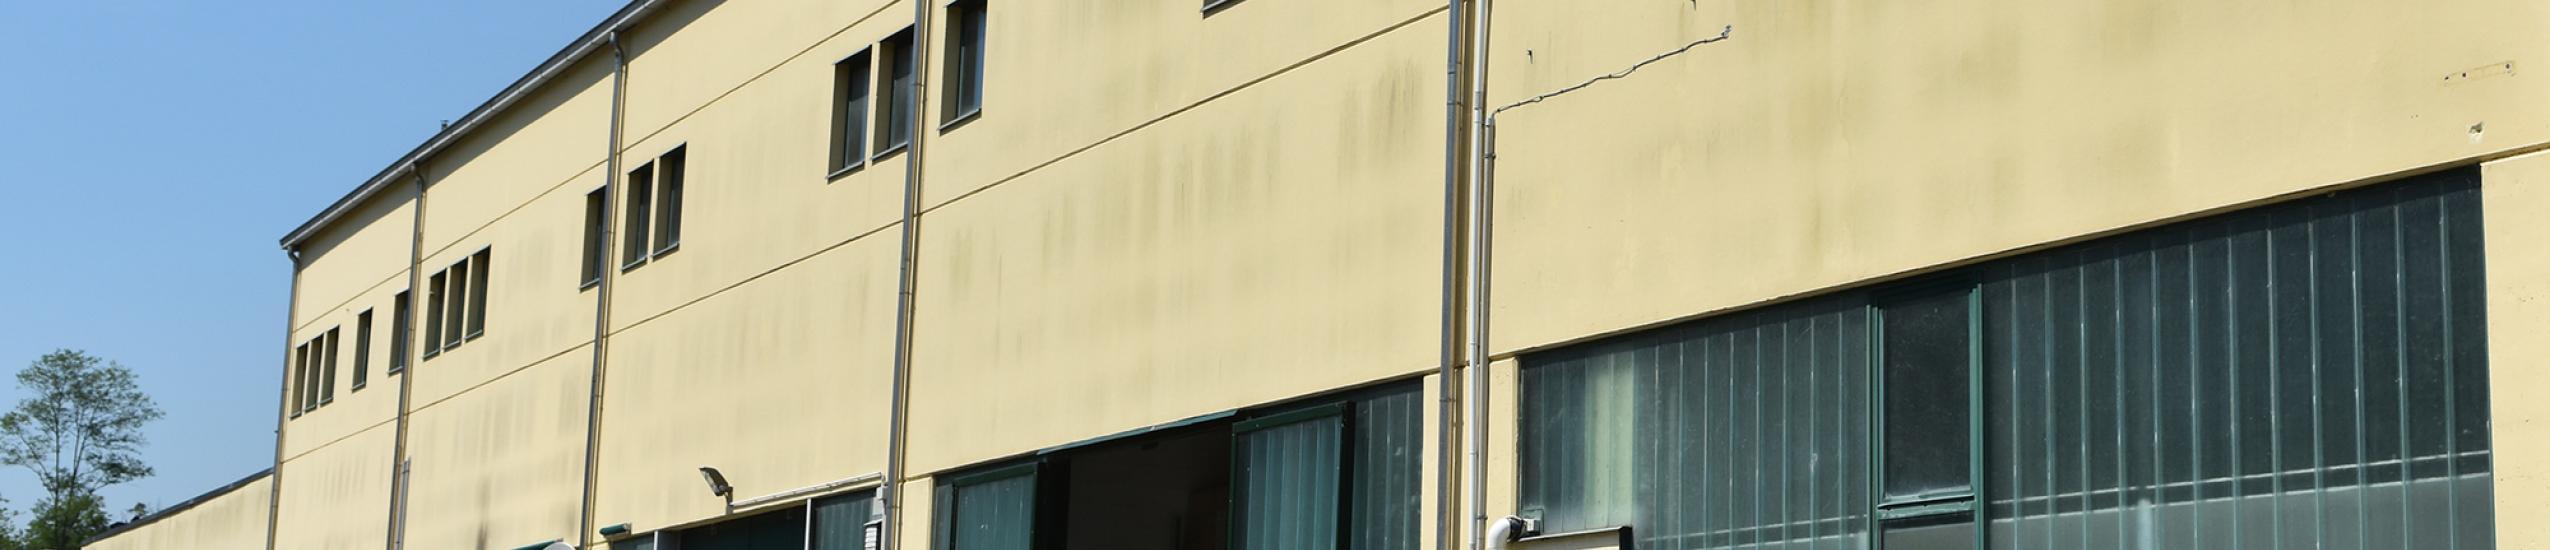 Pastificio L'Emiliana Di Iarlori E C. Snc